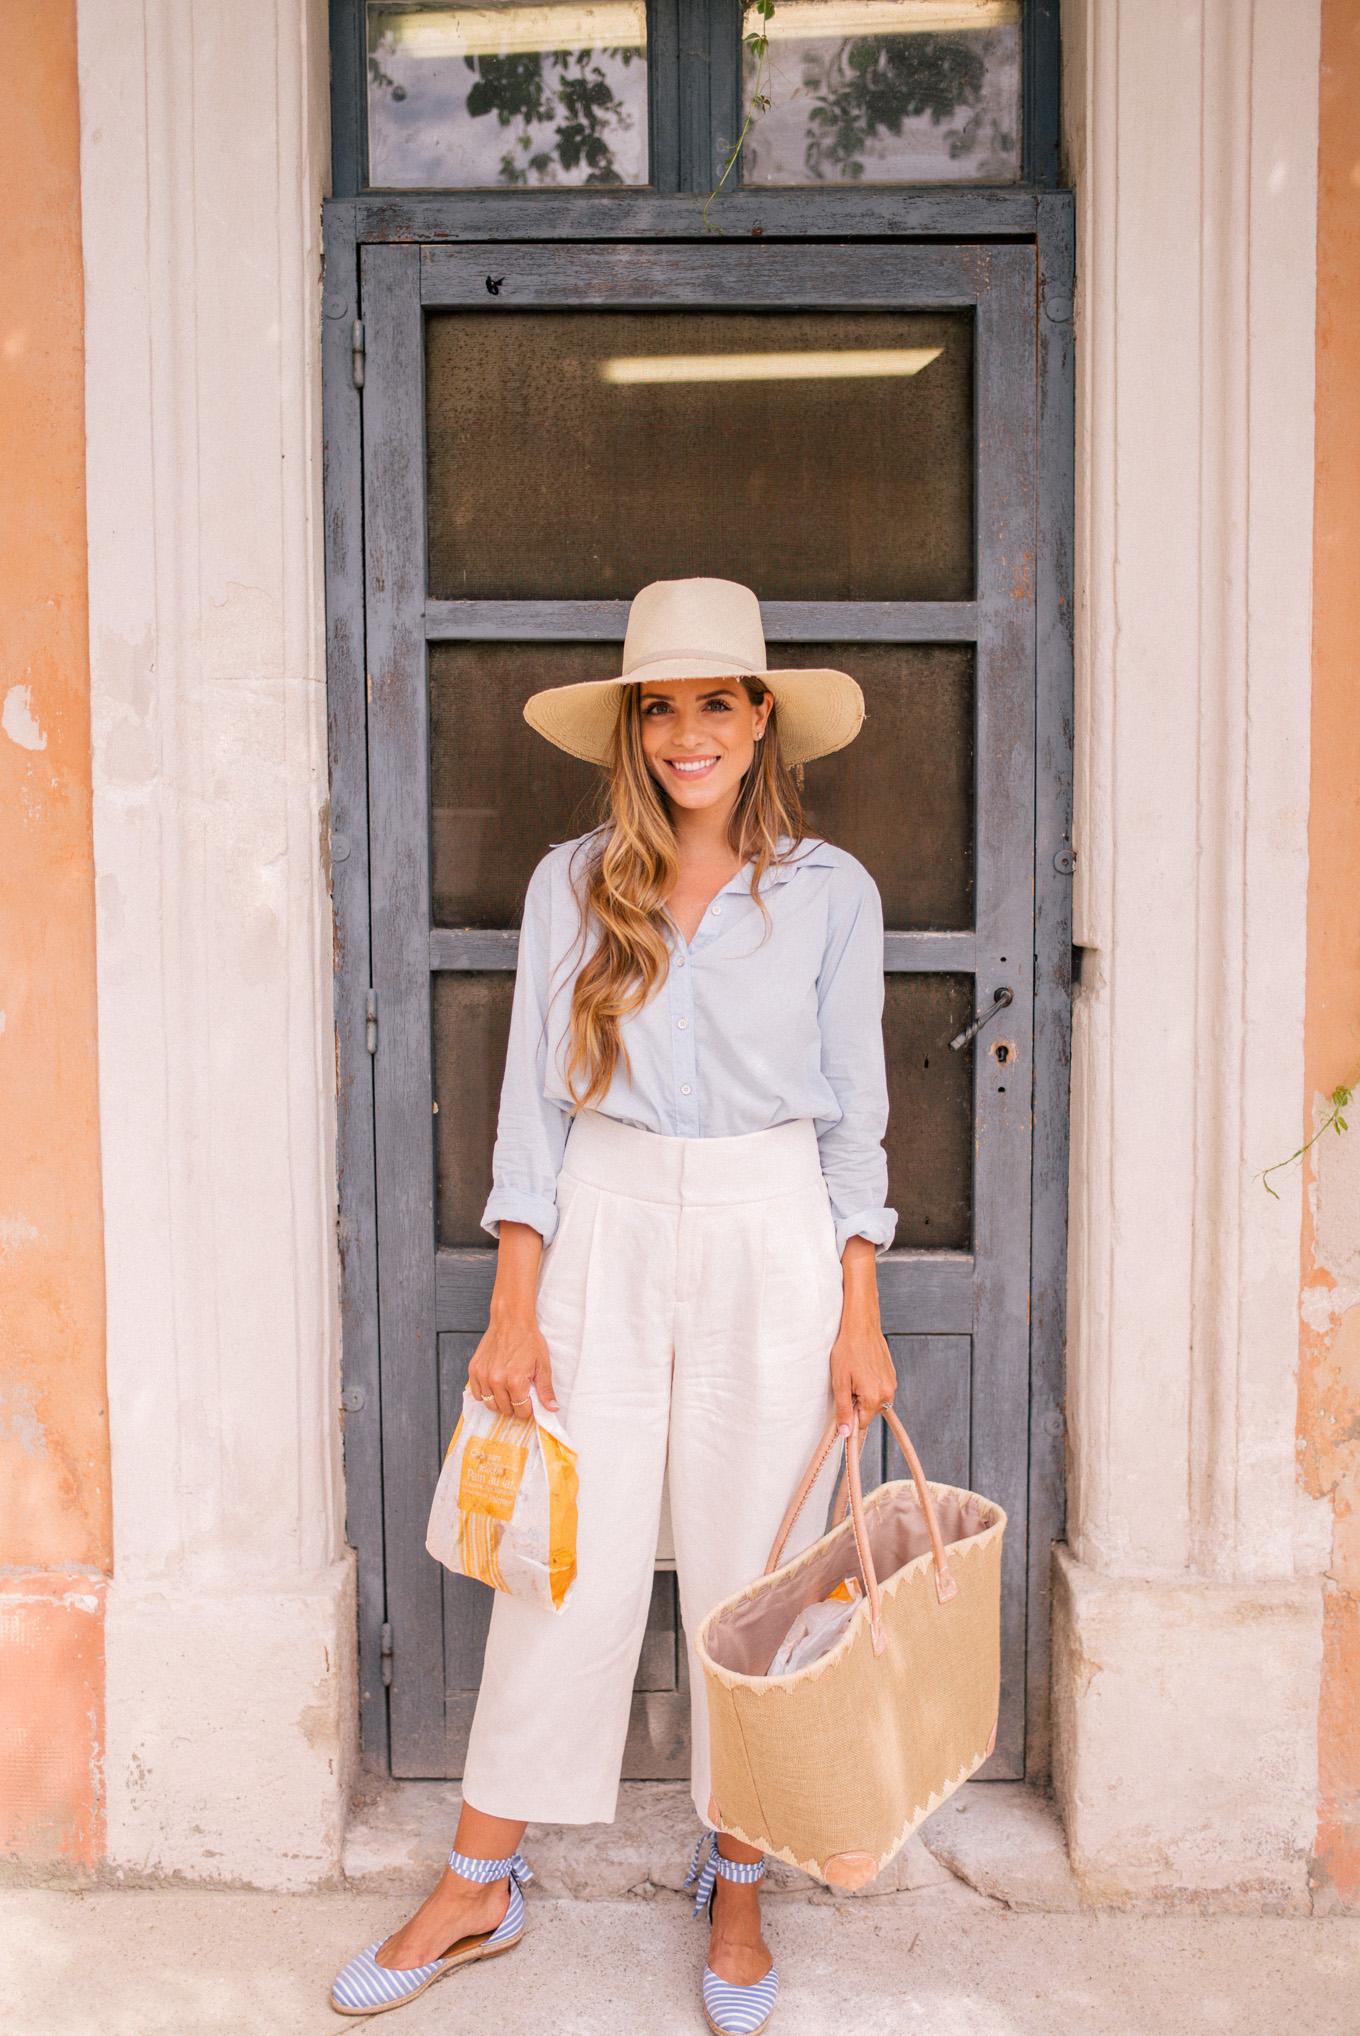 Cô gái mặc áo sơ mi xanh, quần baggy trắng, đội mũ cói, xách túi cói